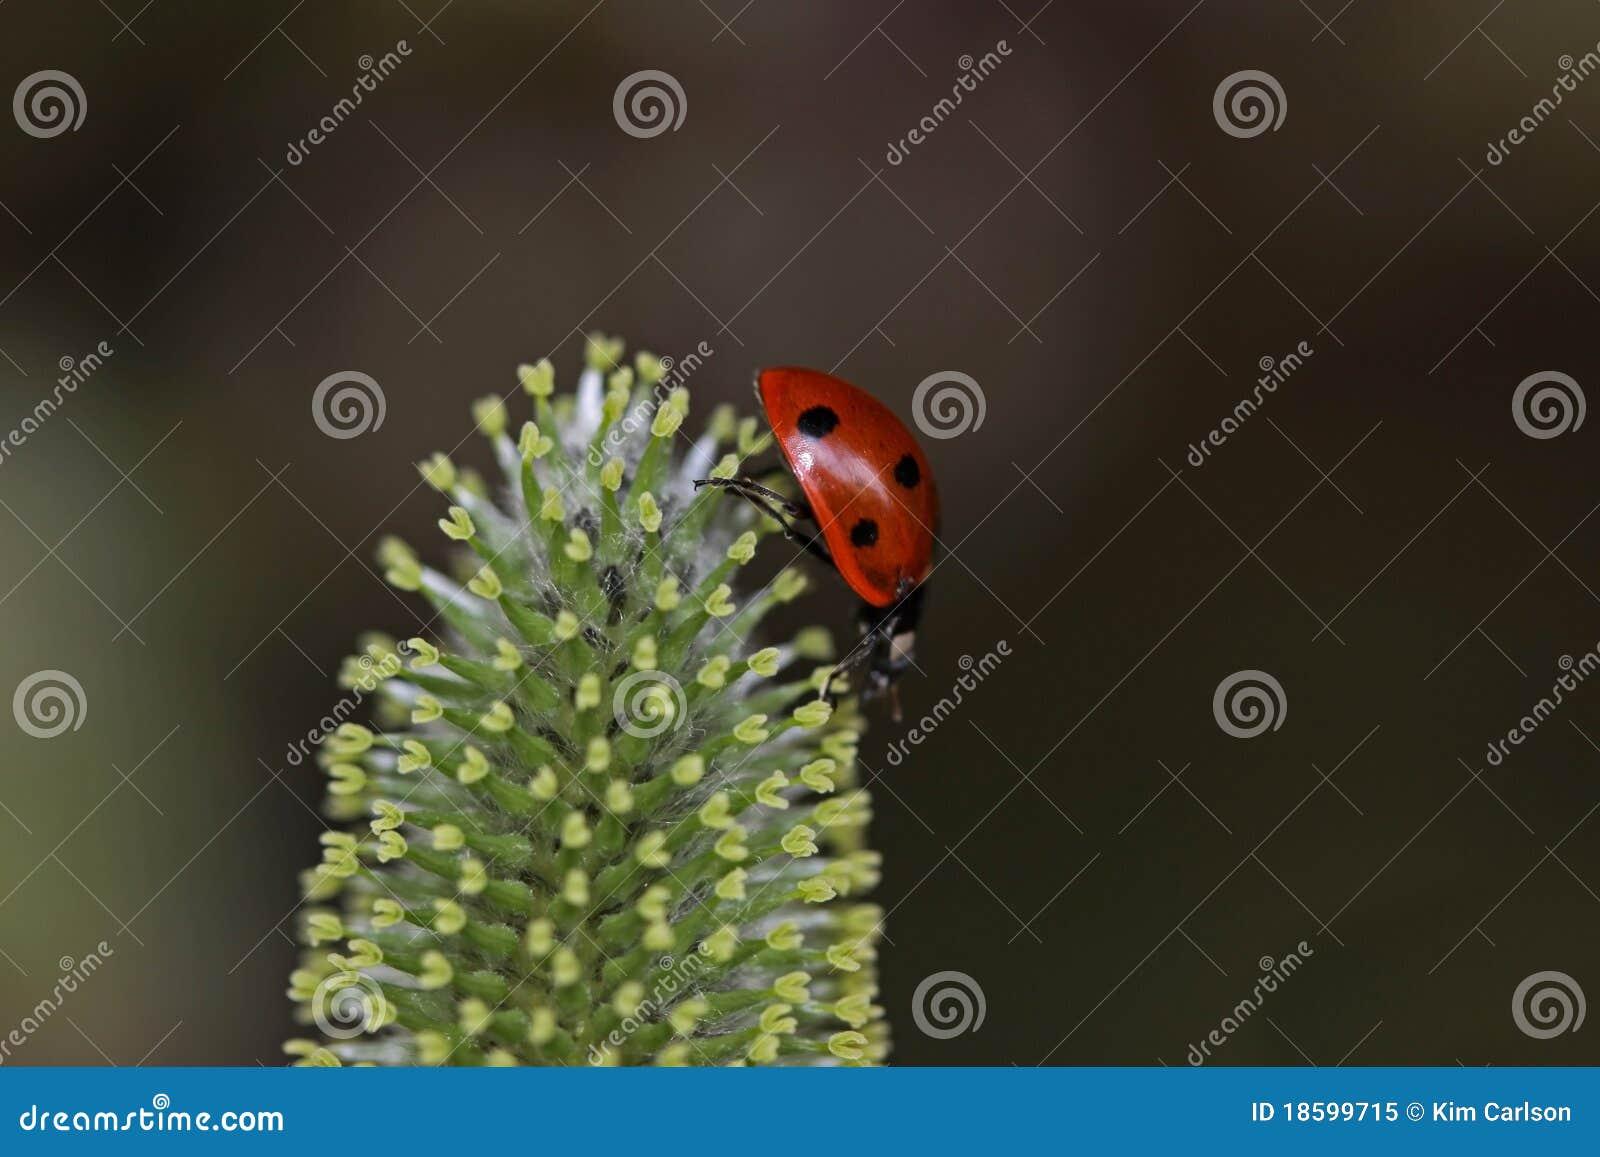 Lady bug on walk